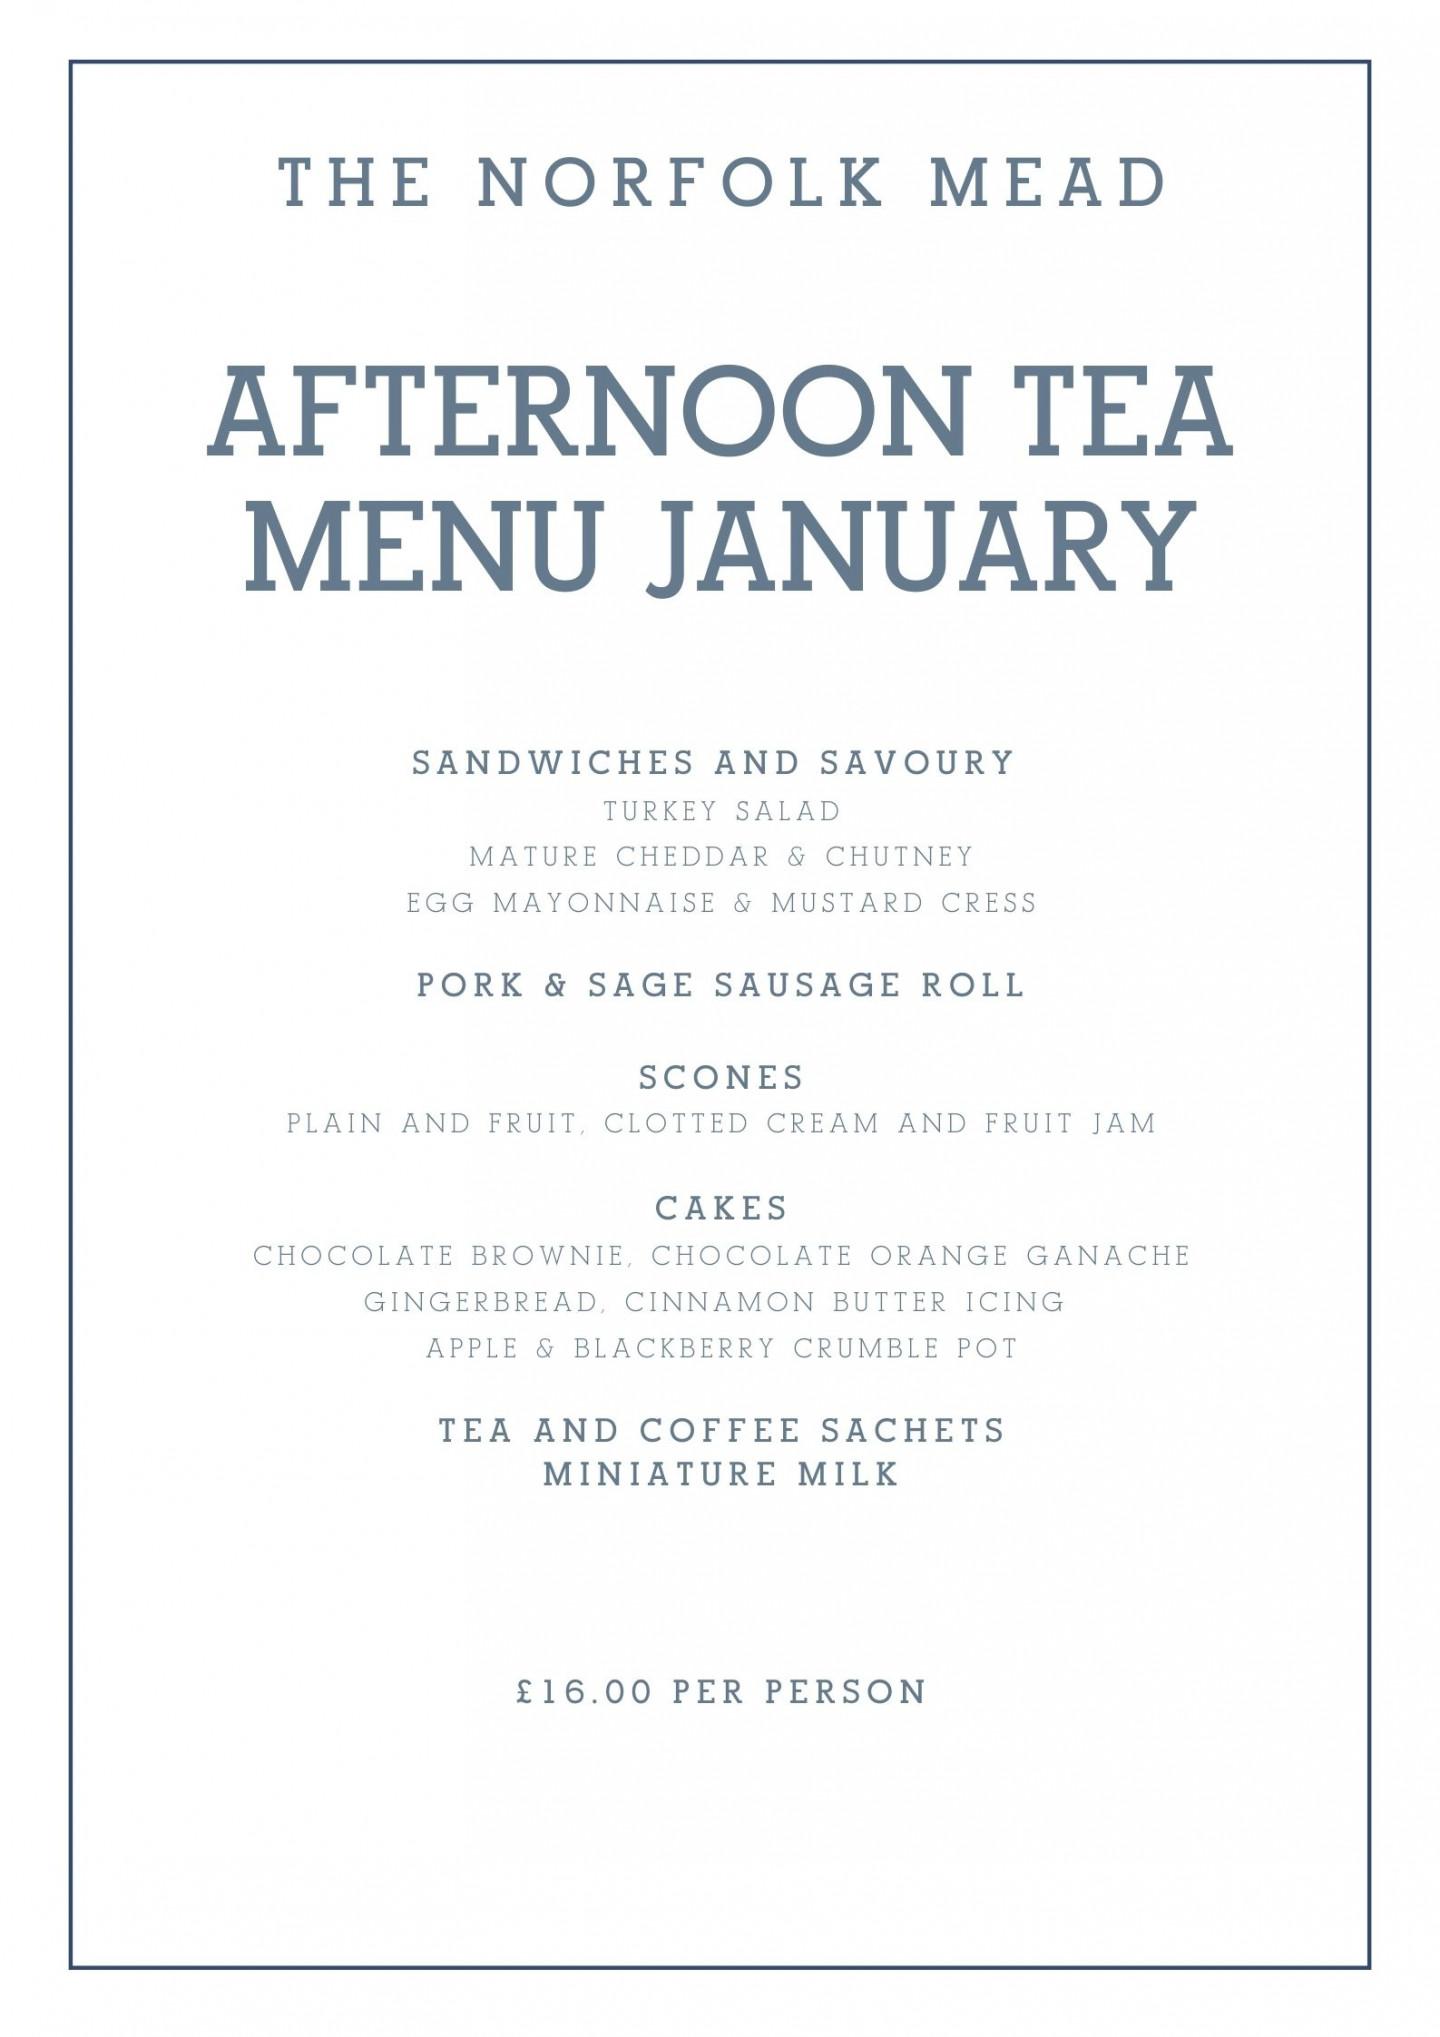 January Takeaway Afternoon Tea Menu